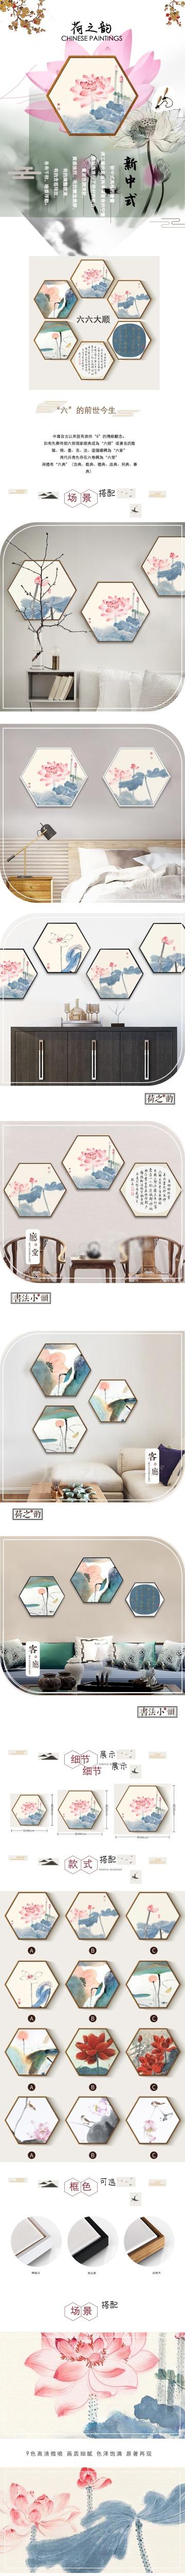 简约清新中国风装饰画电商详情图